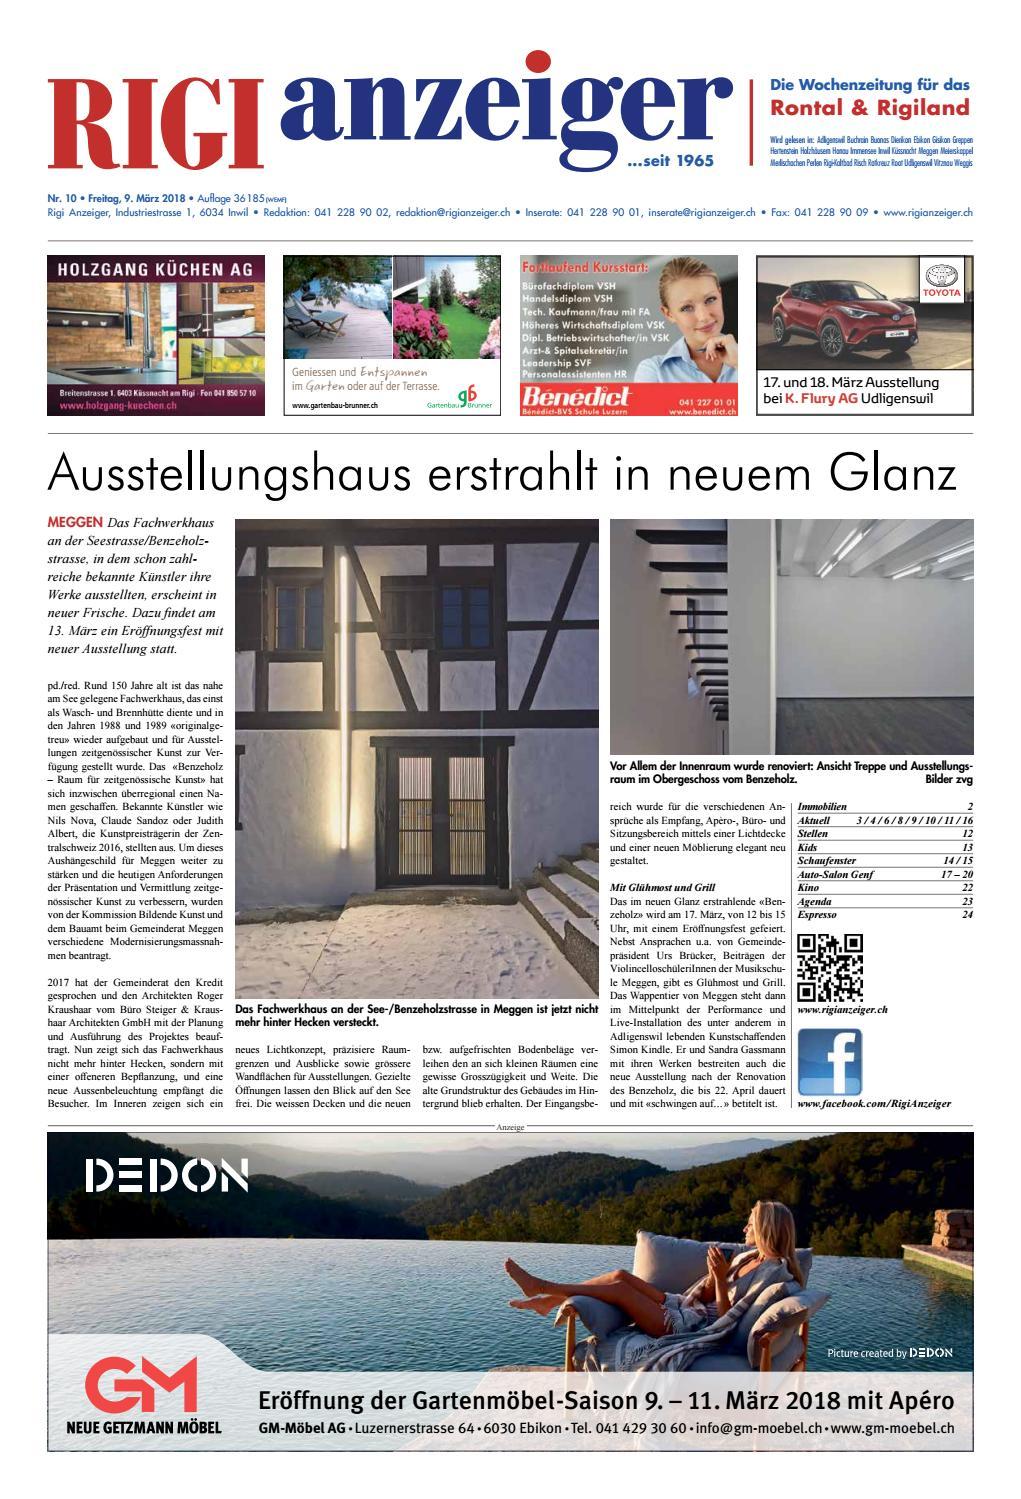 Rigi Anzeiger, 9. März 2018 by Rigi Anzeiger GmbH - issuu